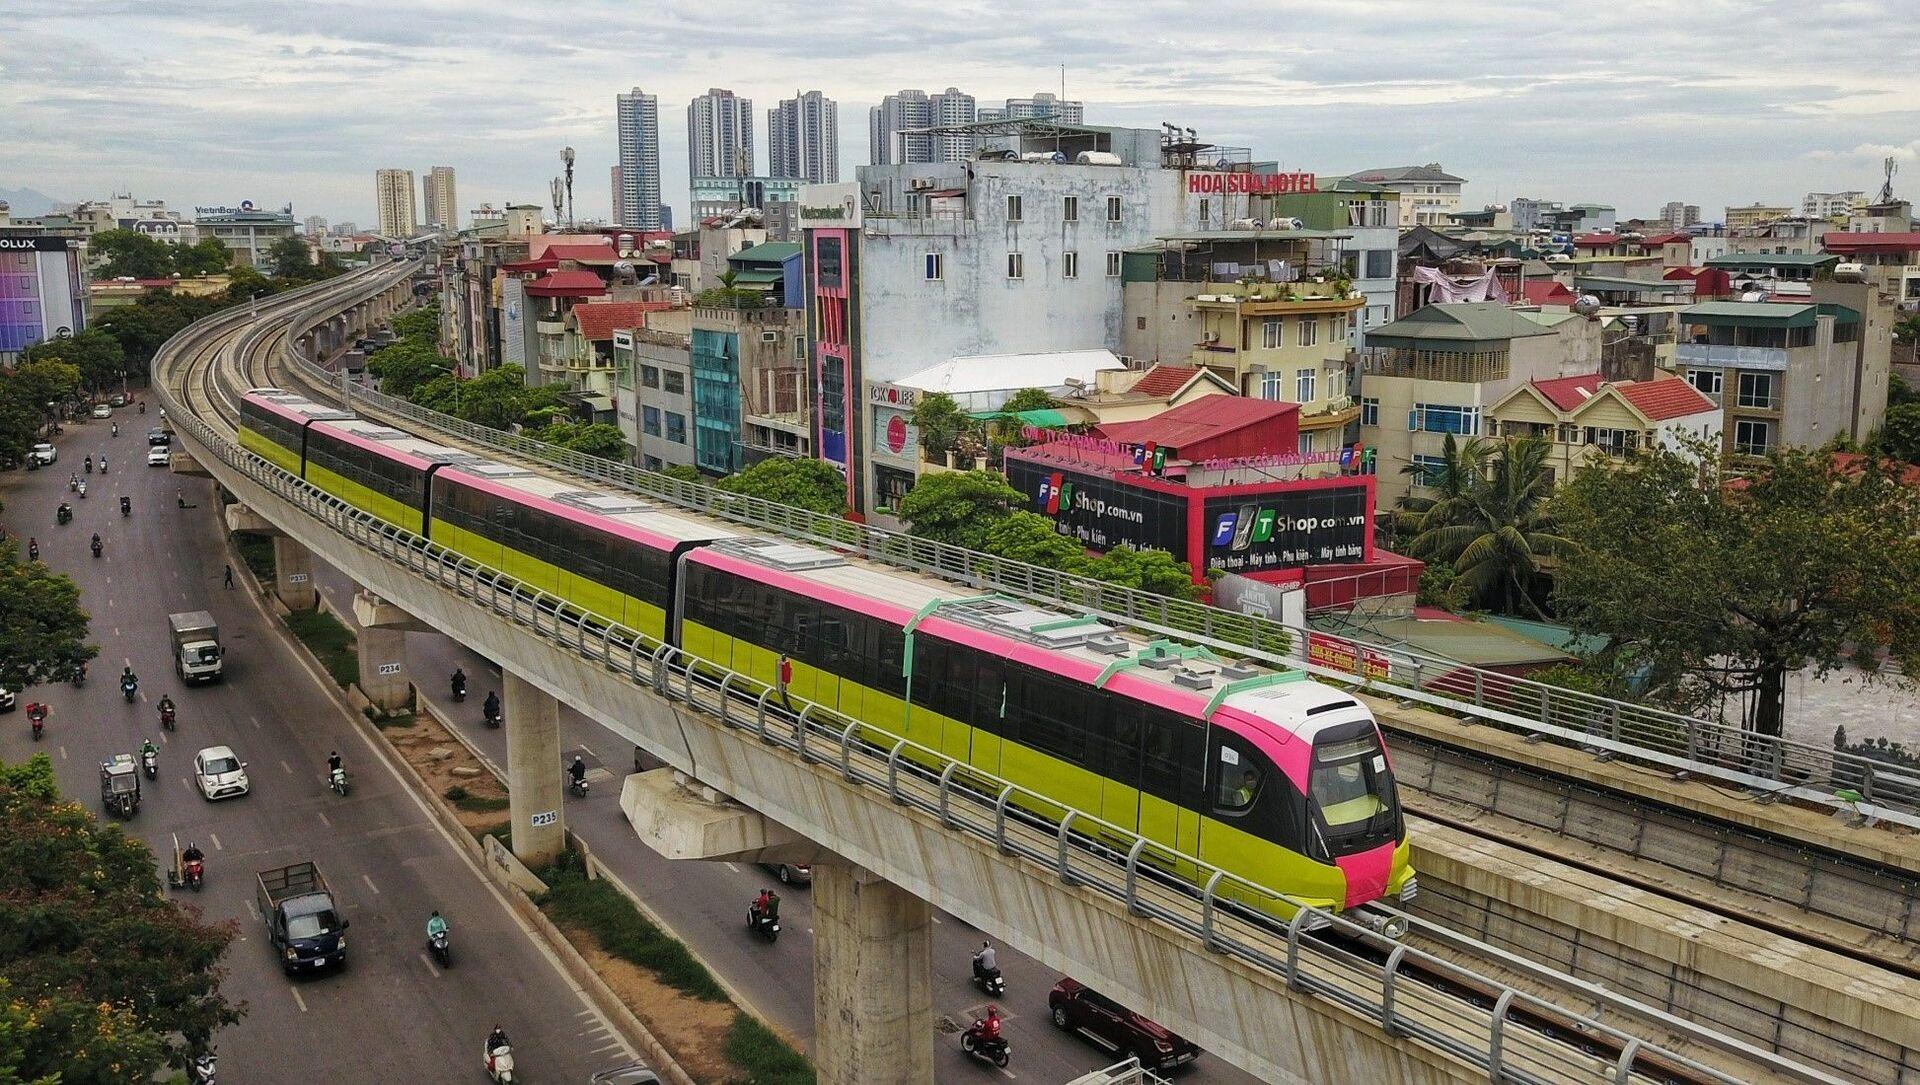 Đoàn tàu chạy qua tuyến đường Nhổn - Ga Hà Nội (đoạn trên cao dài 8,5km từ Nhổn đến Đại học Giao thông vận tải). - Sputnik Việt Nam, 1920, 18.08.2021